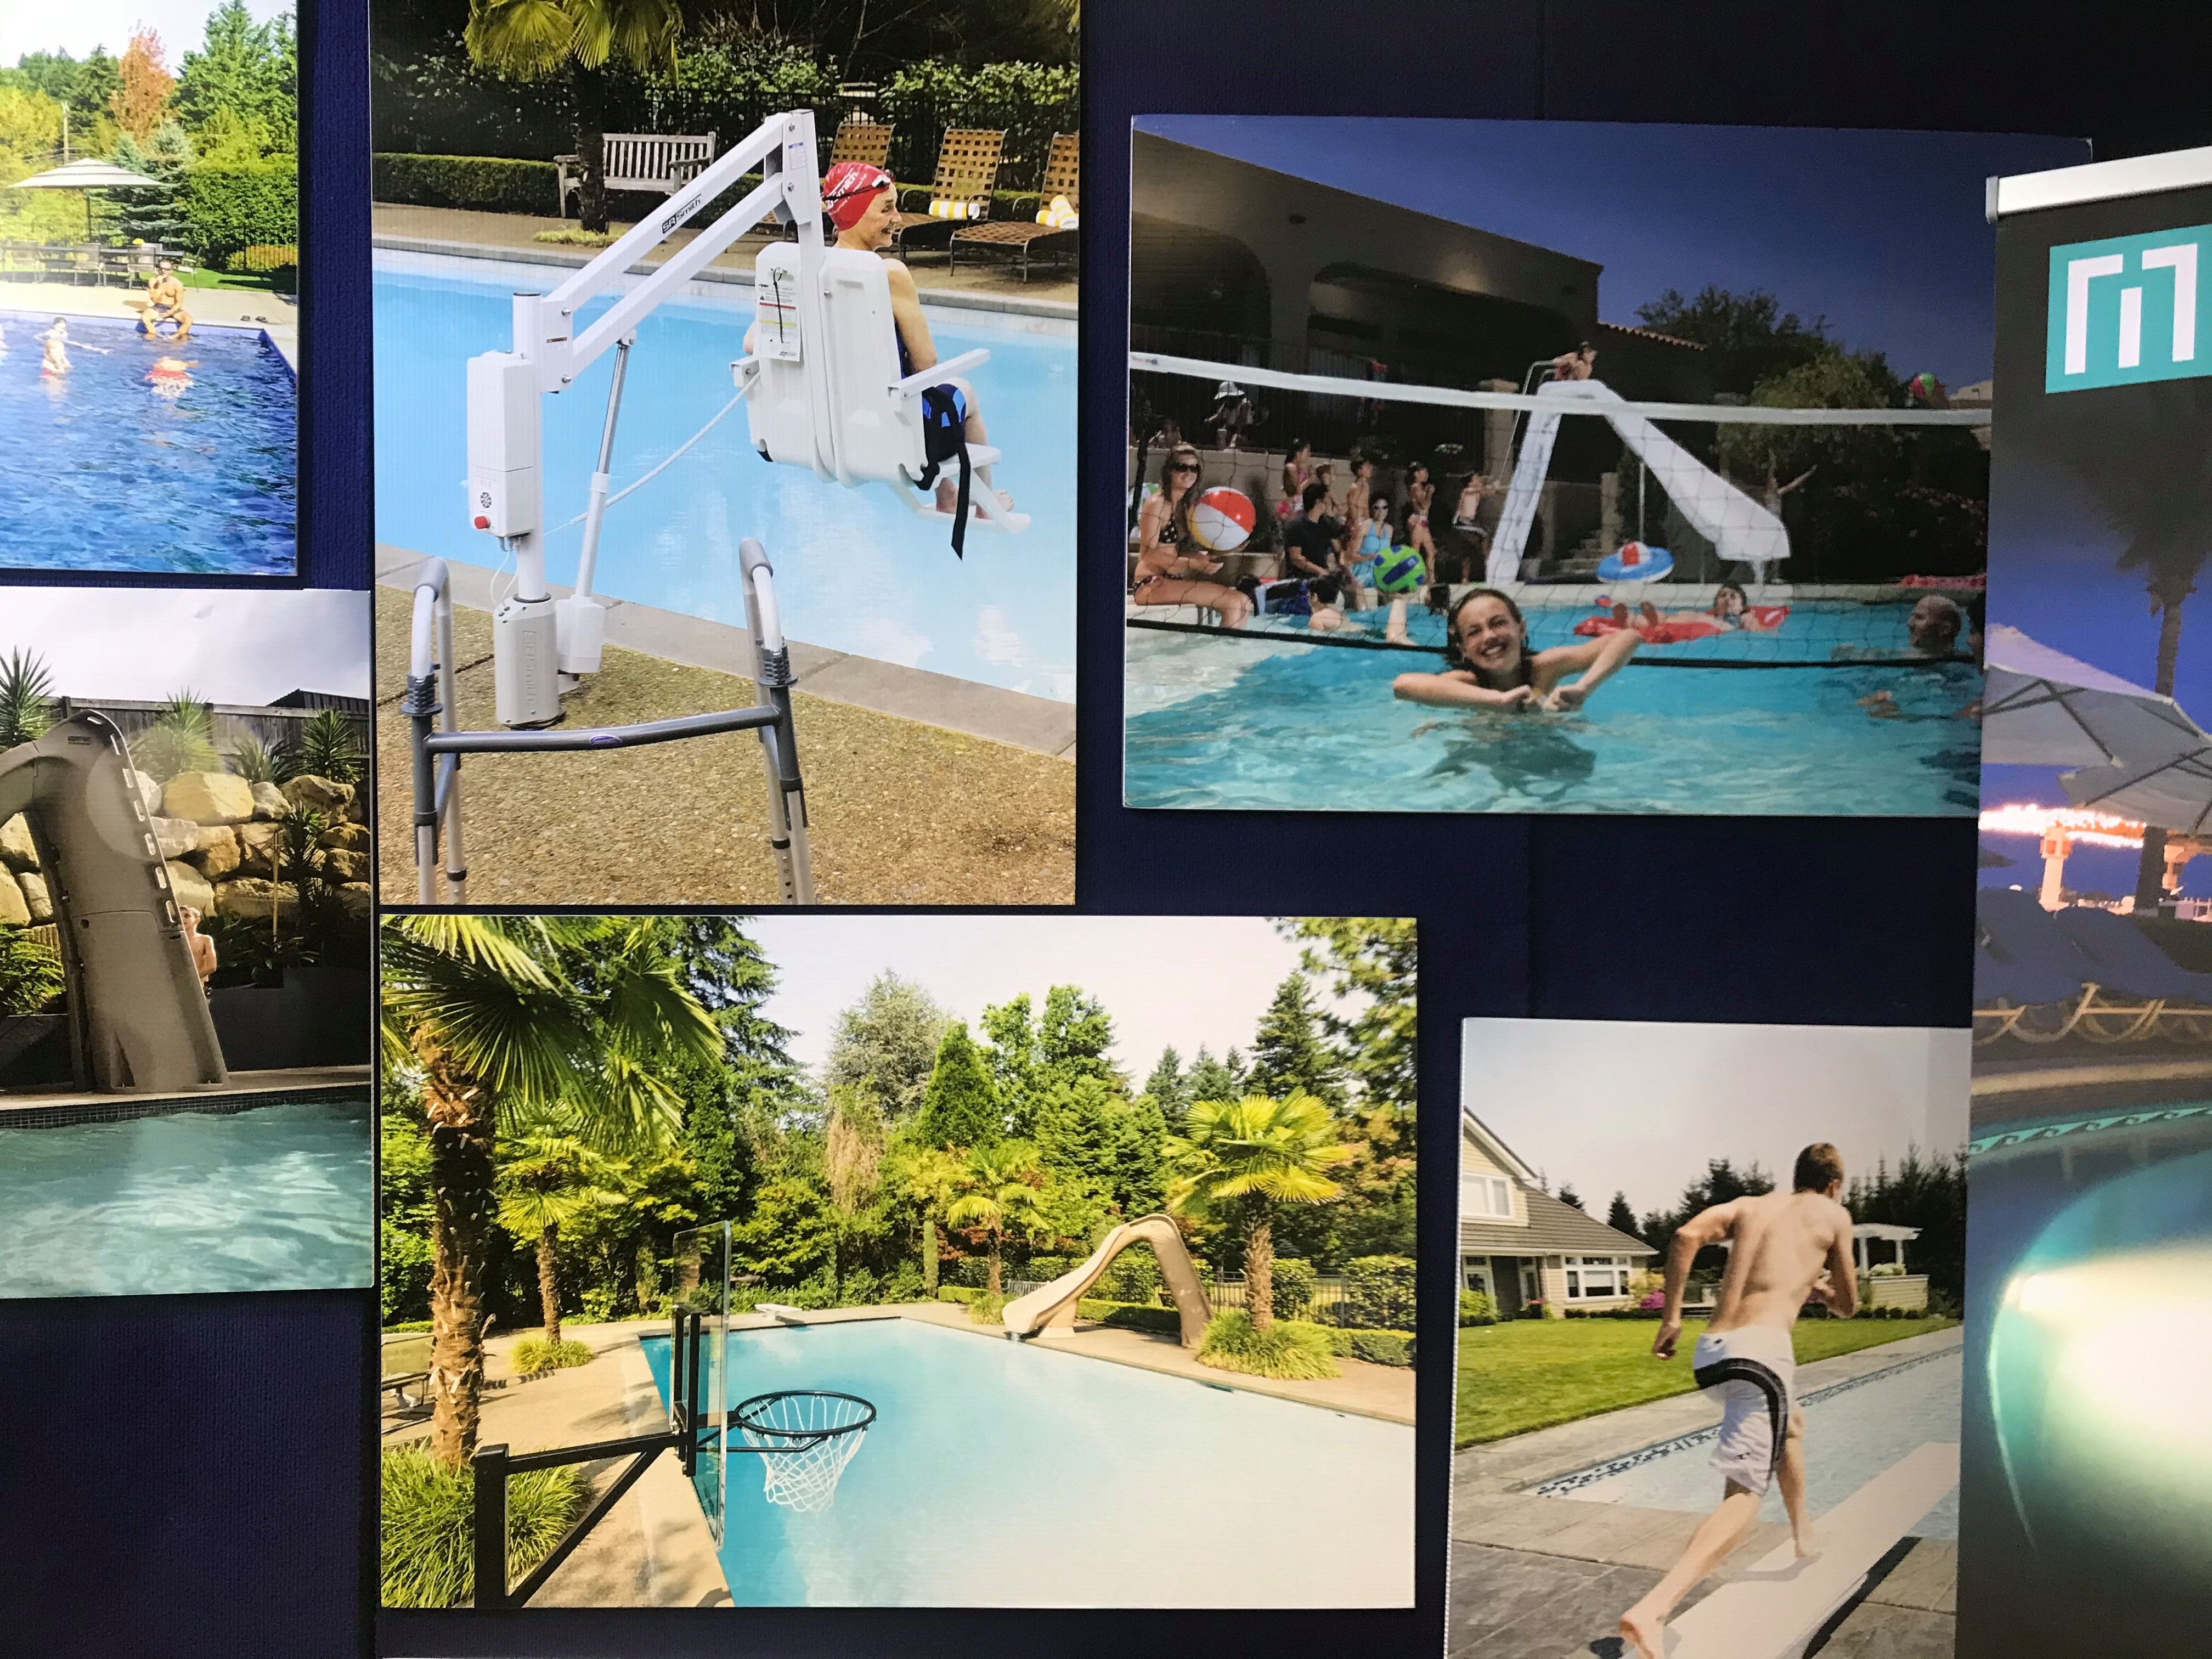 pool slides backyard fun